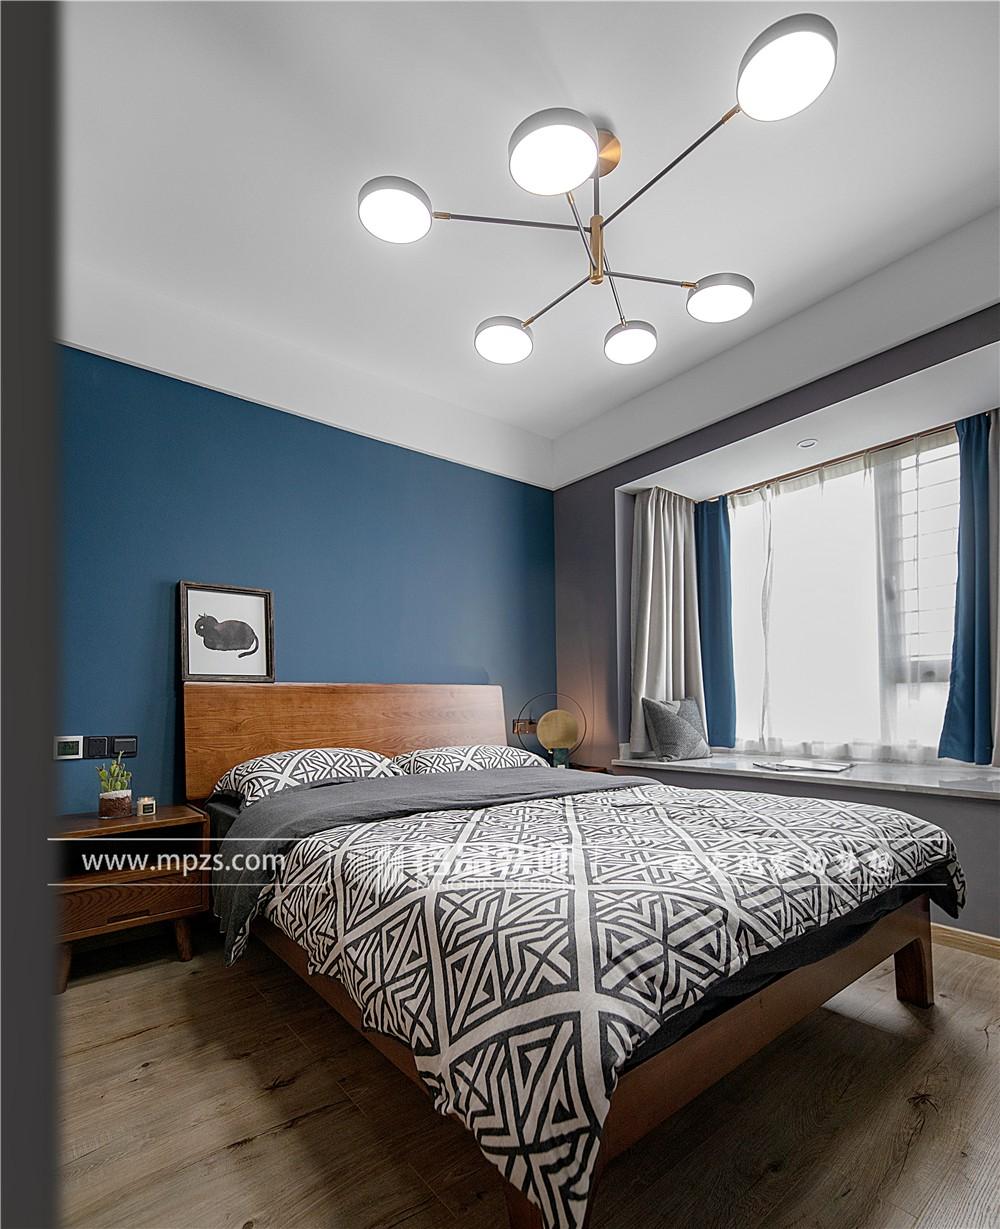 杭州126平方米现代轻奢风格毛坯新房装修案例_效果图